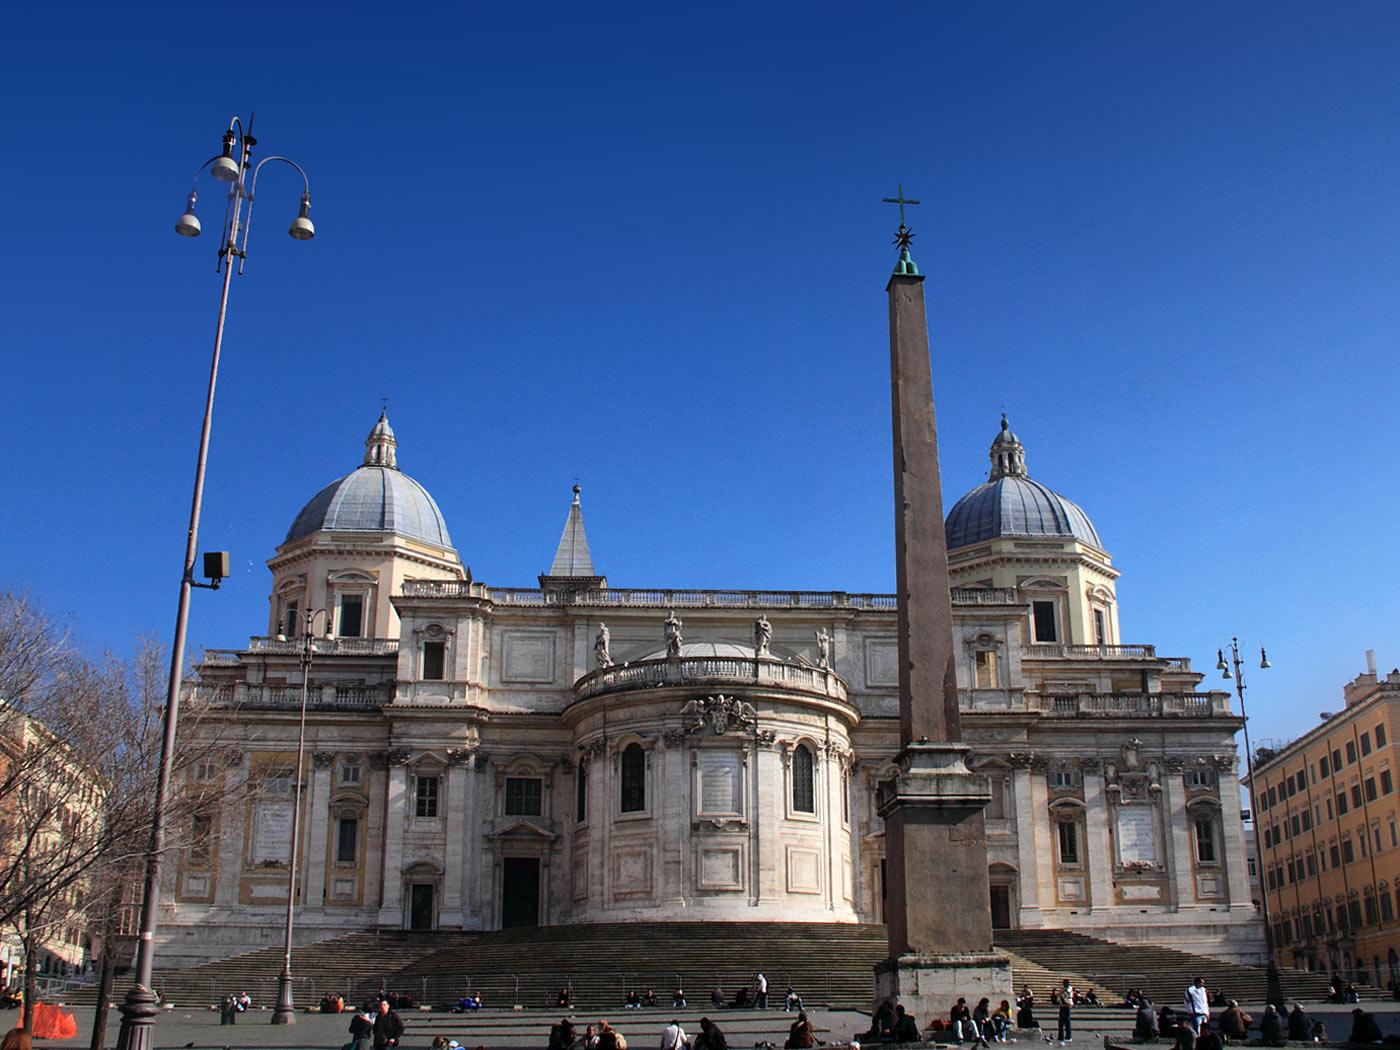 サンタ・マリア・マッジョーレ大聖堂の画像 p1_4